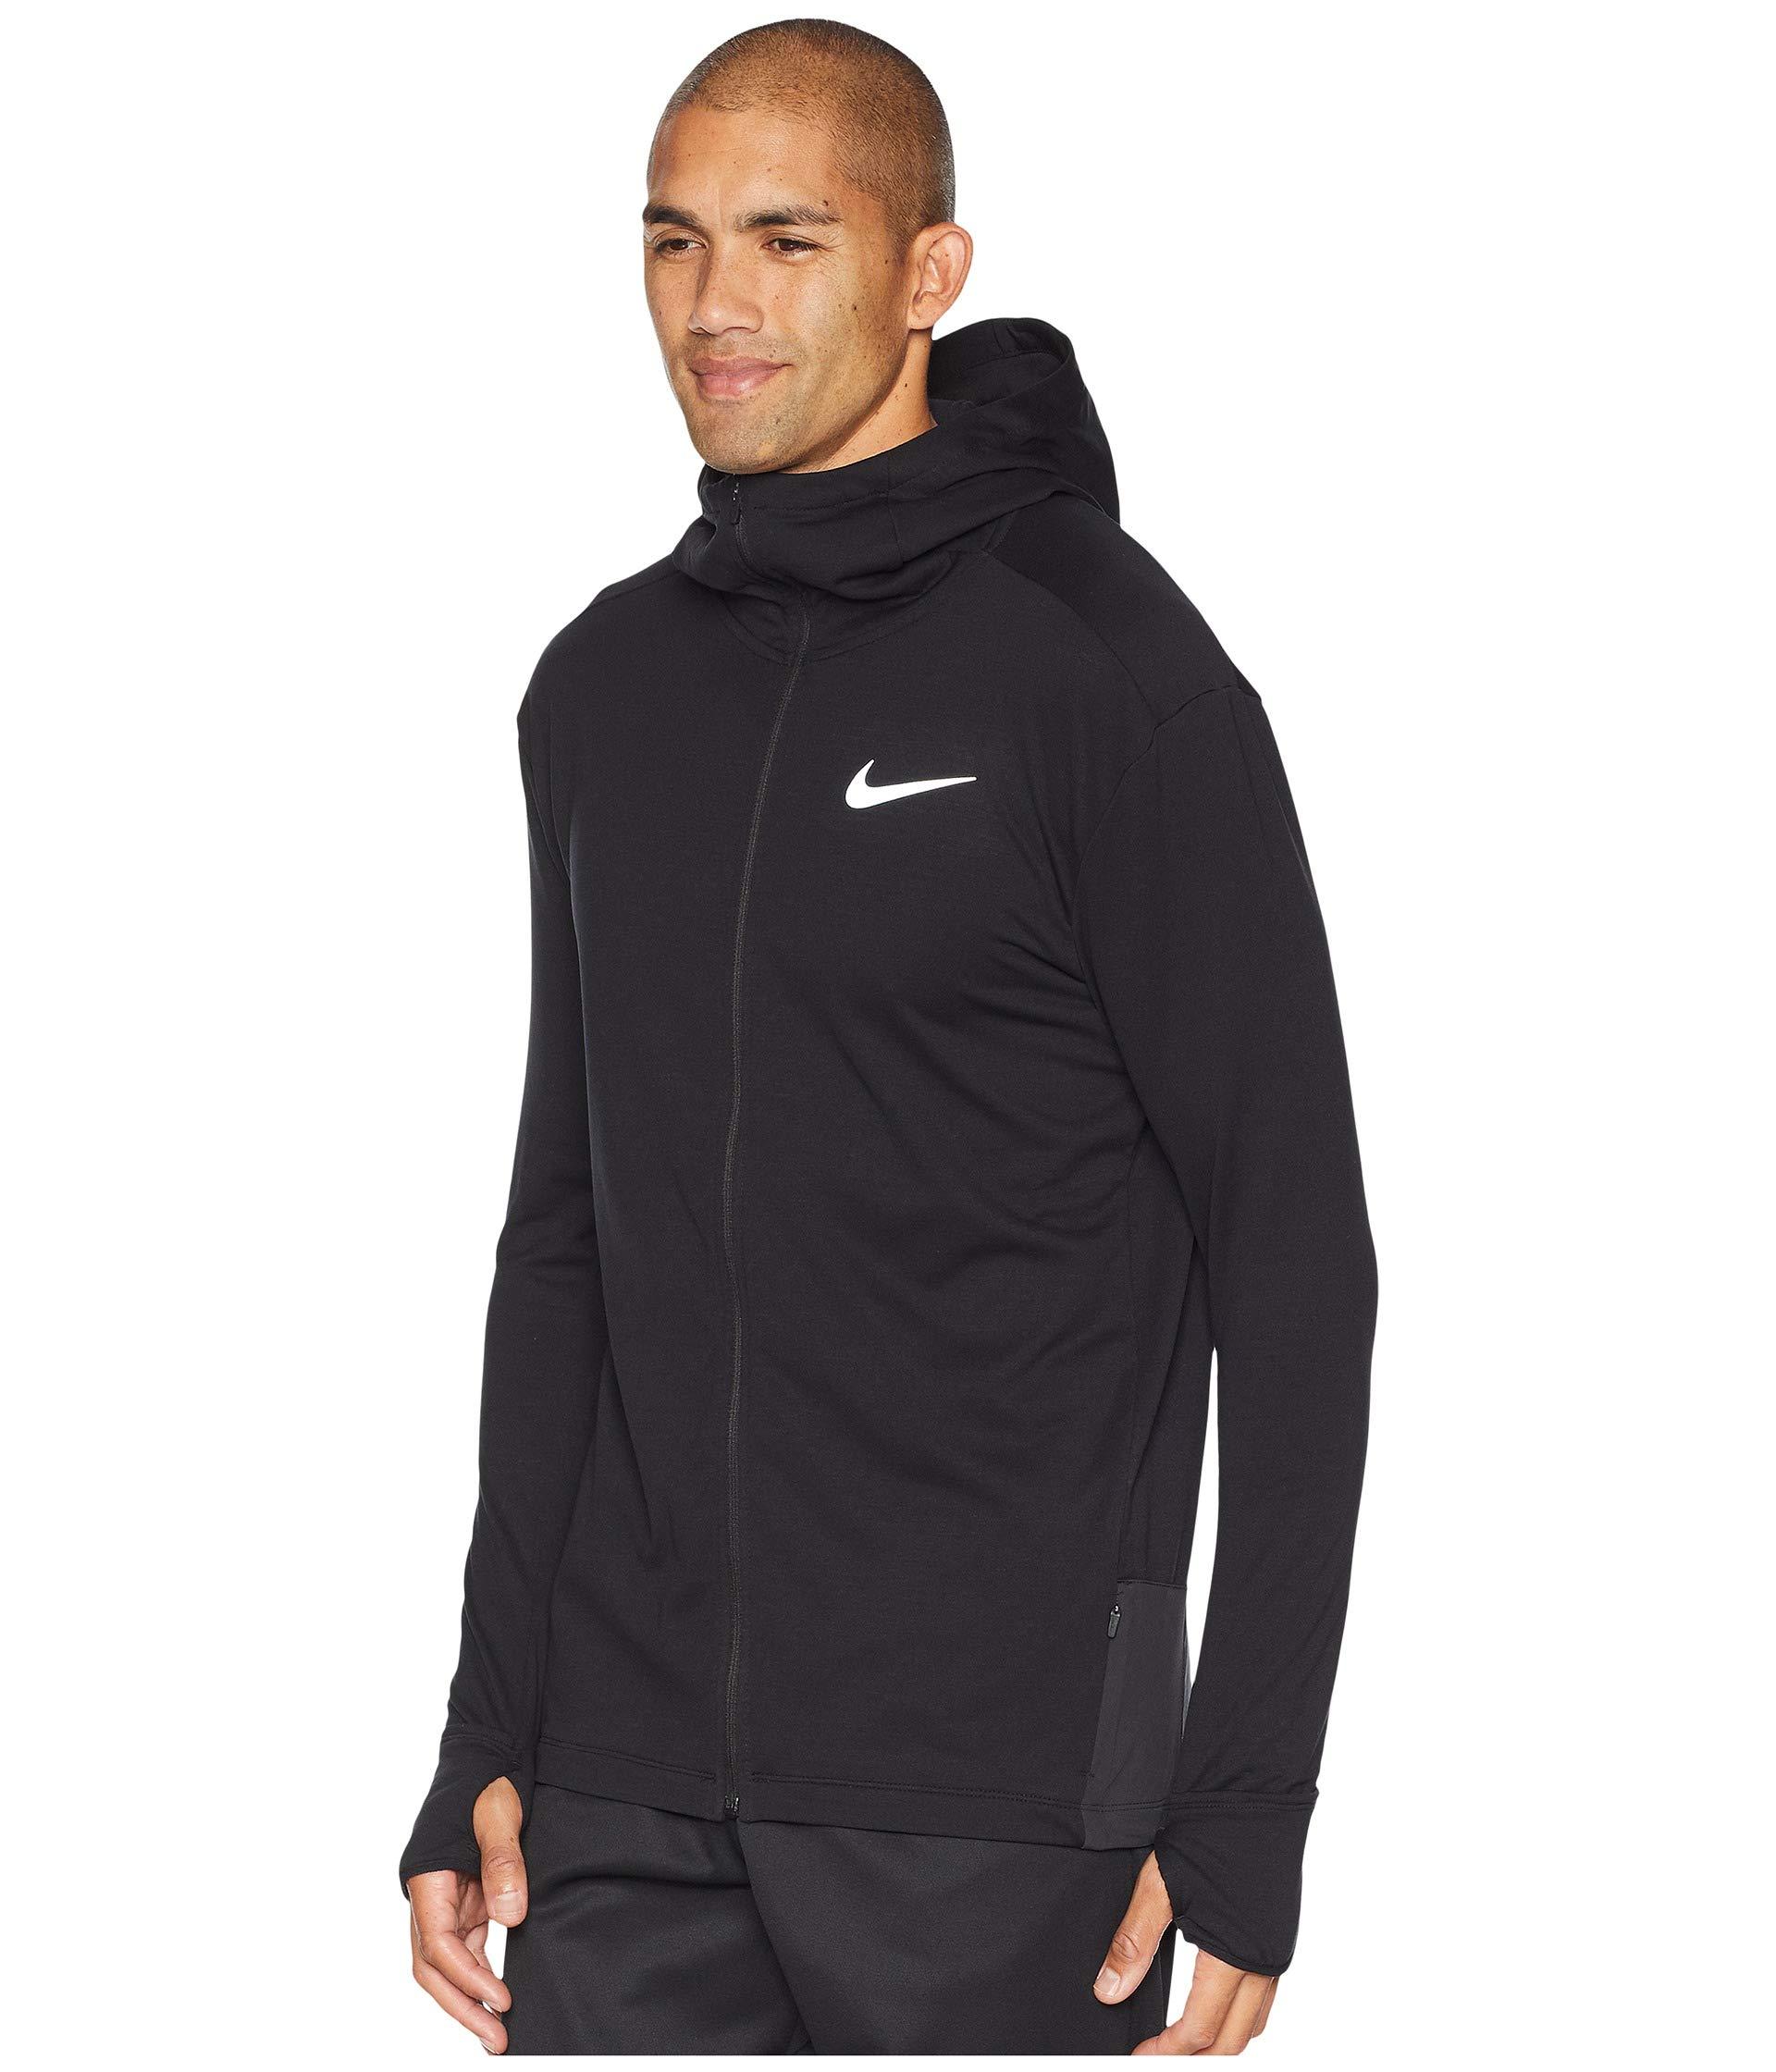 NIKE Sphere Element 2.0 Men's Full-Zip Running Hoodie (Black, X-Large) by Nike (Image #3)